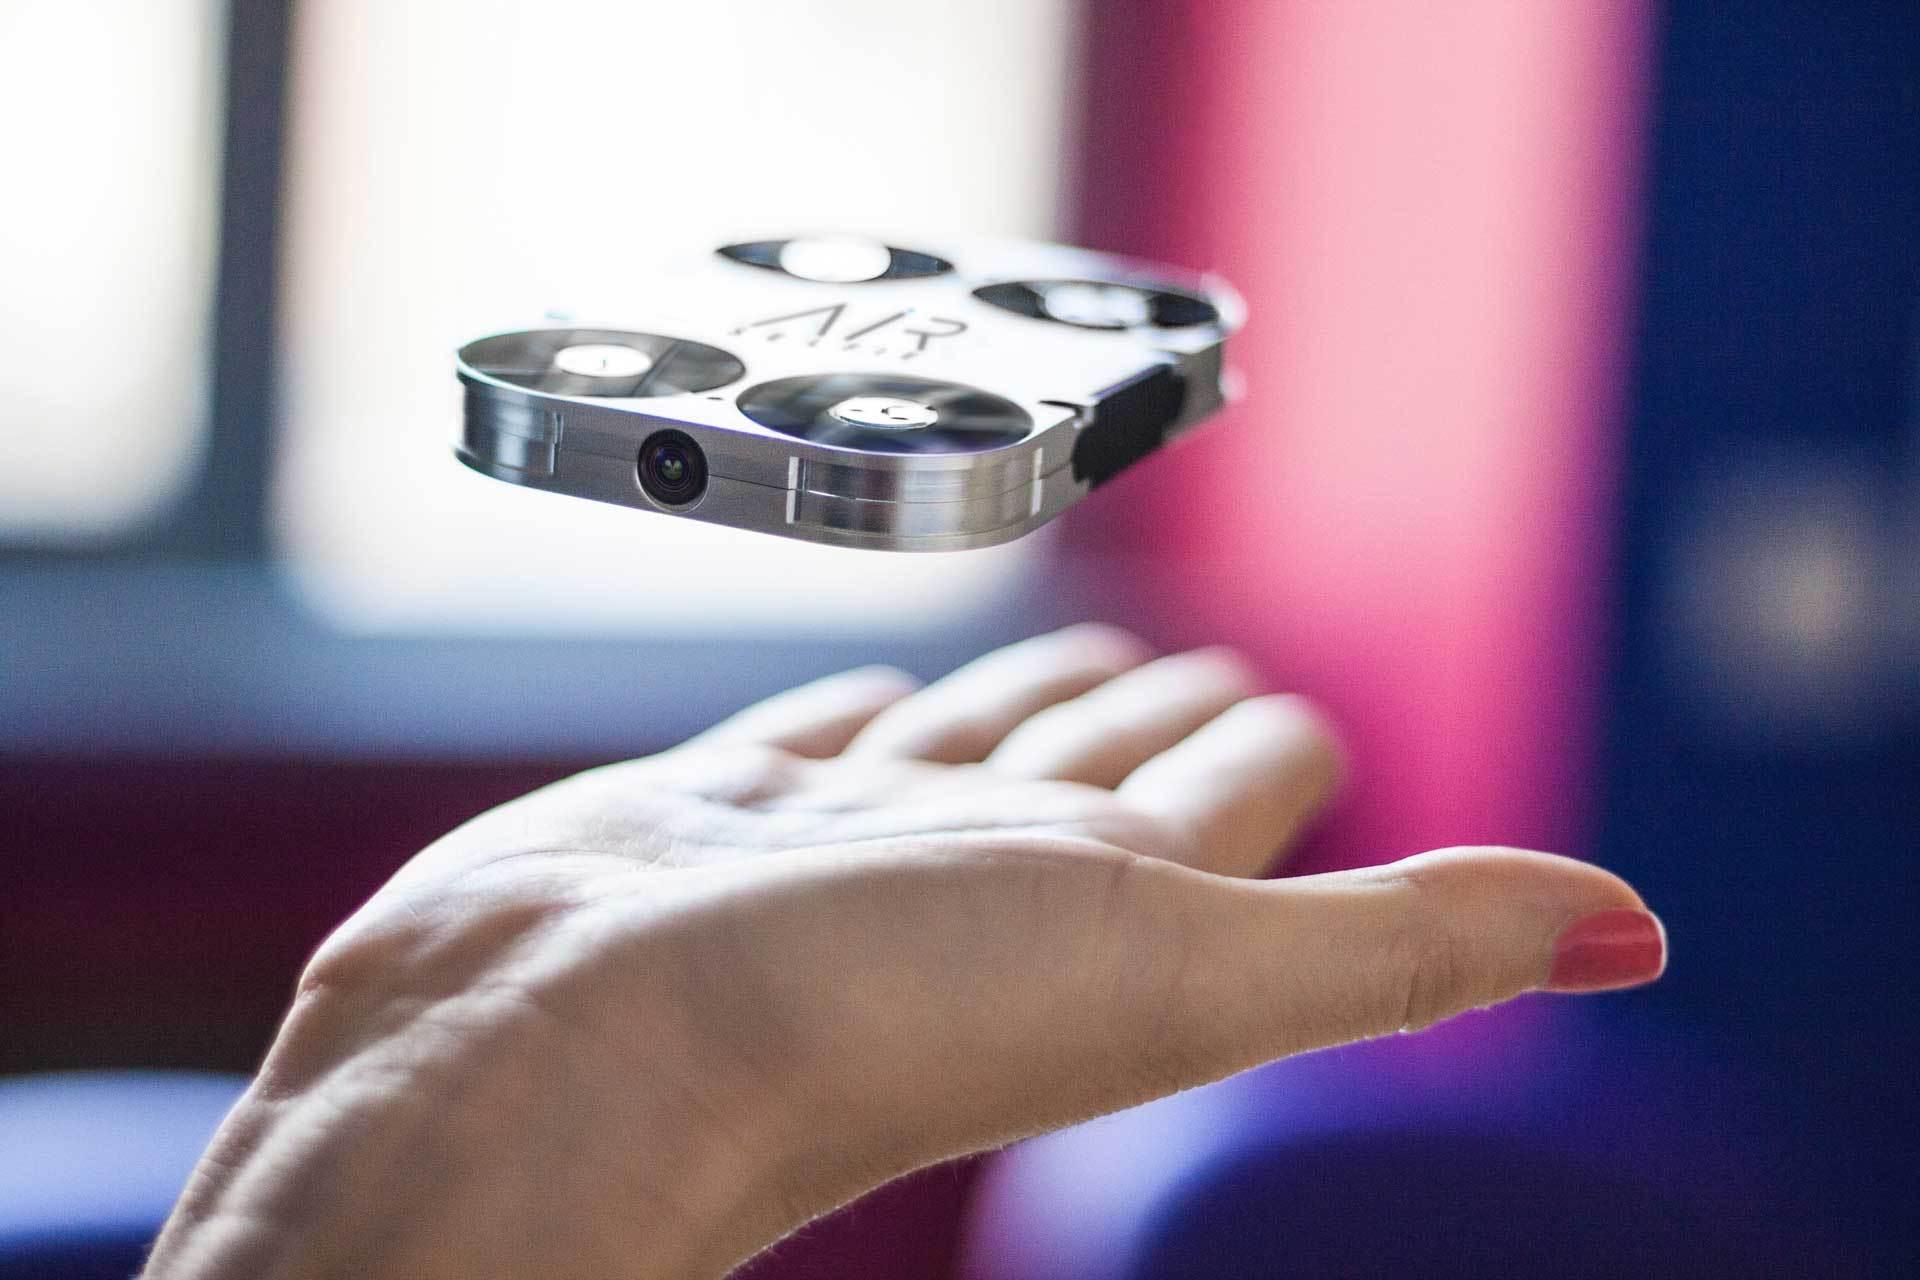 AirSelfie flying camera (Photo: AirSelfie)